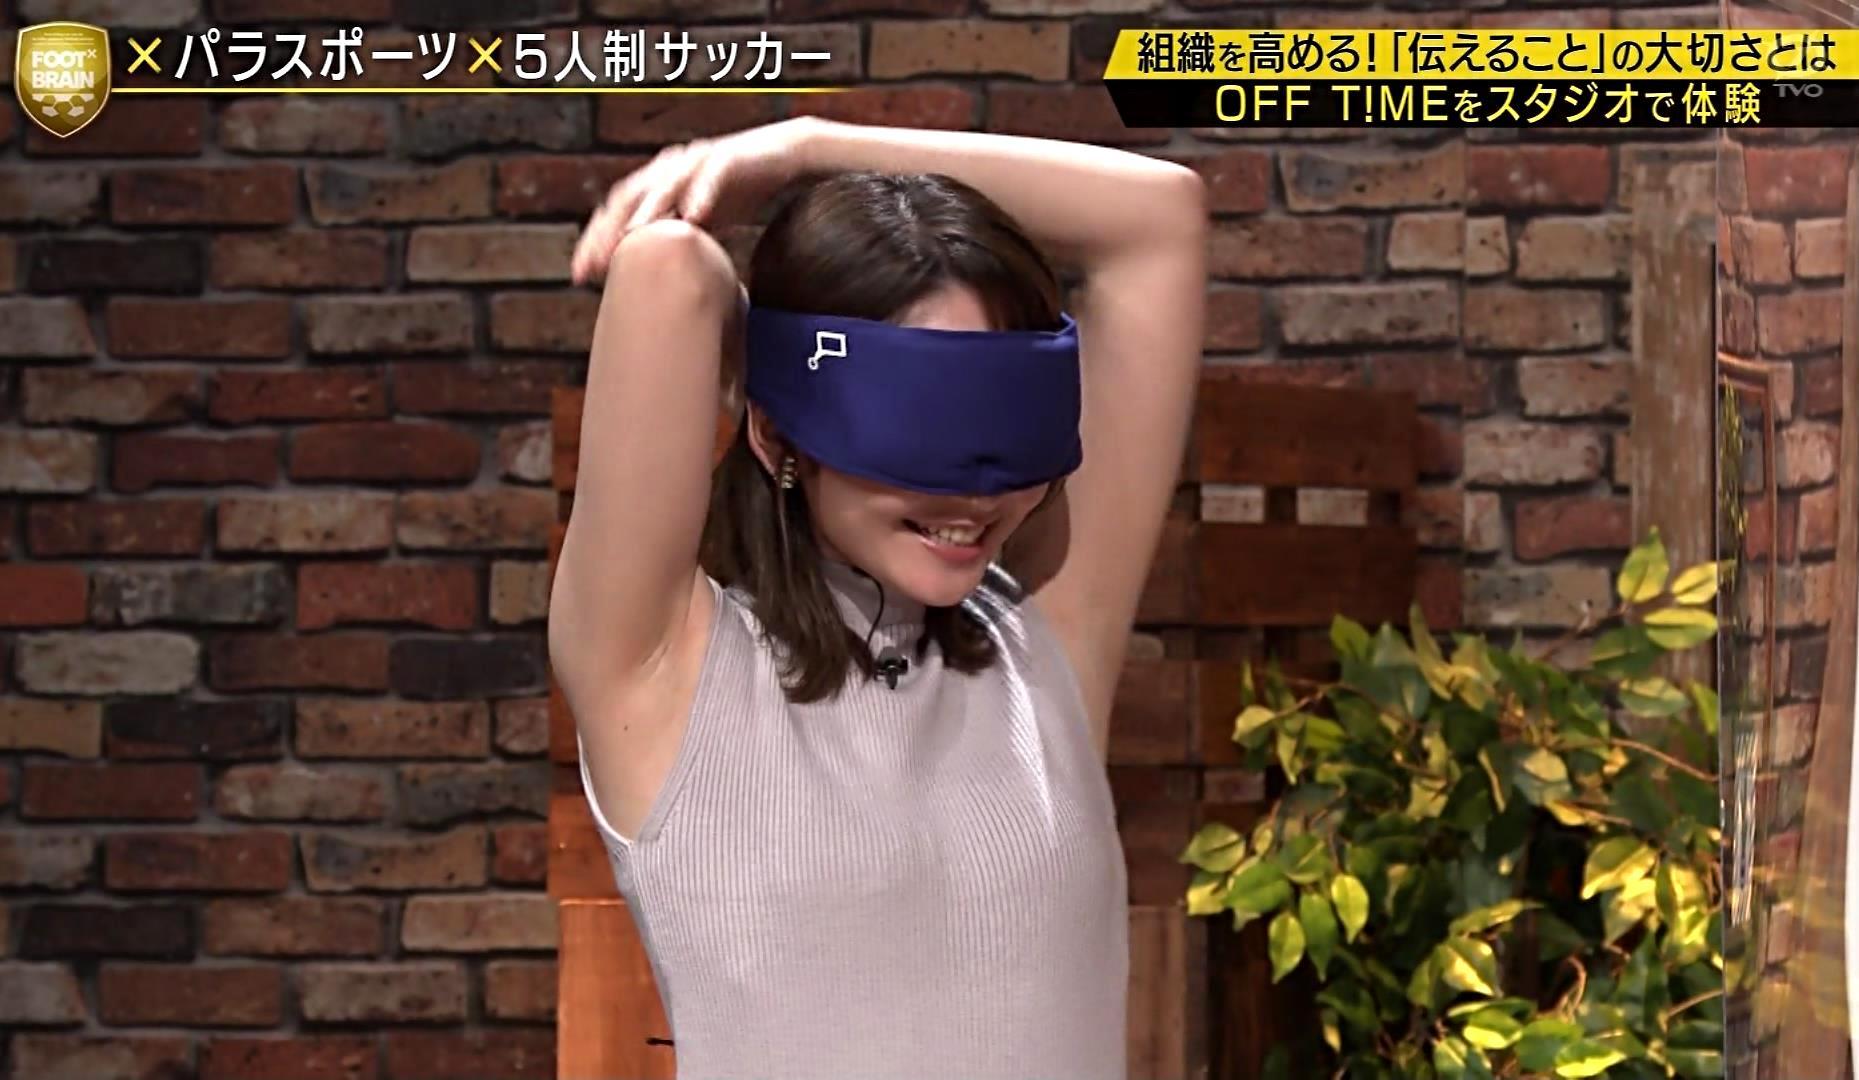 竹崎由佳の目隠し腋魅せ (7)